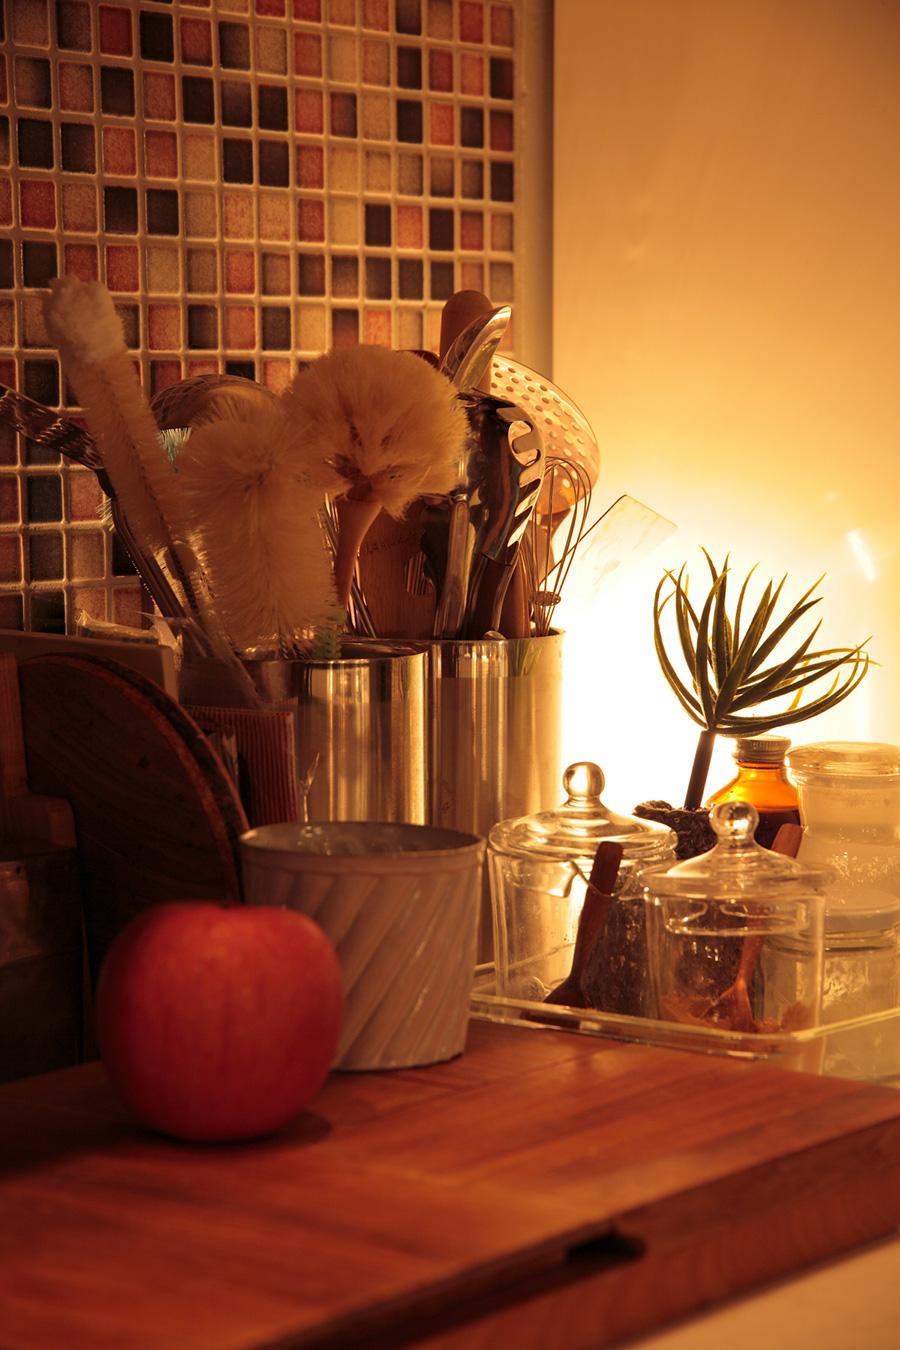 調理後は手元灯を消し、ブラケットライトやダウンライトをほんのりと灯して。調光で光量の調整をするのも有効。